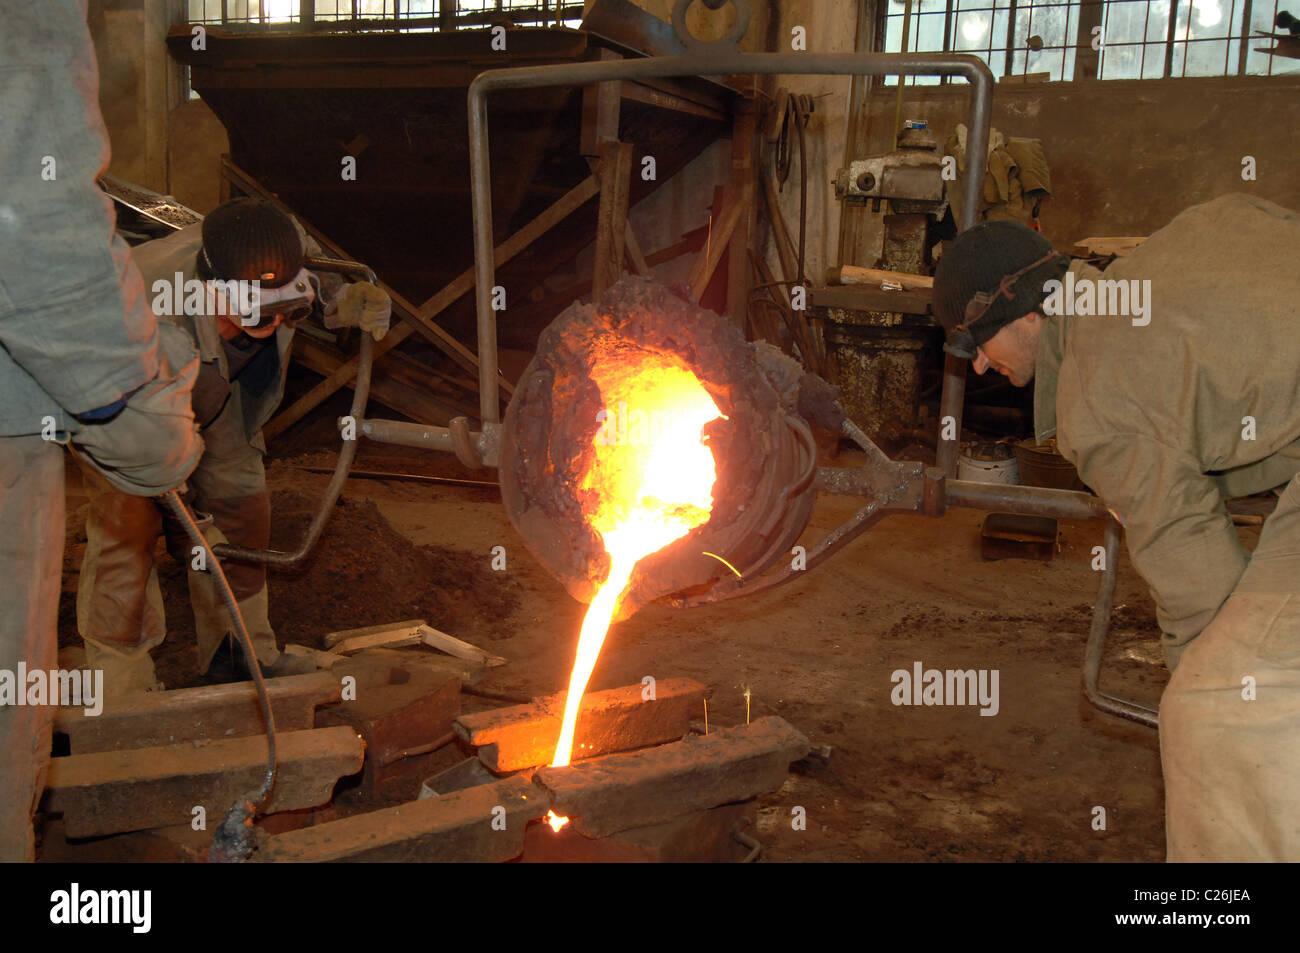 Industrial metallurgy, Molten metal in the vessel - Stock Image